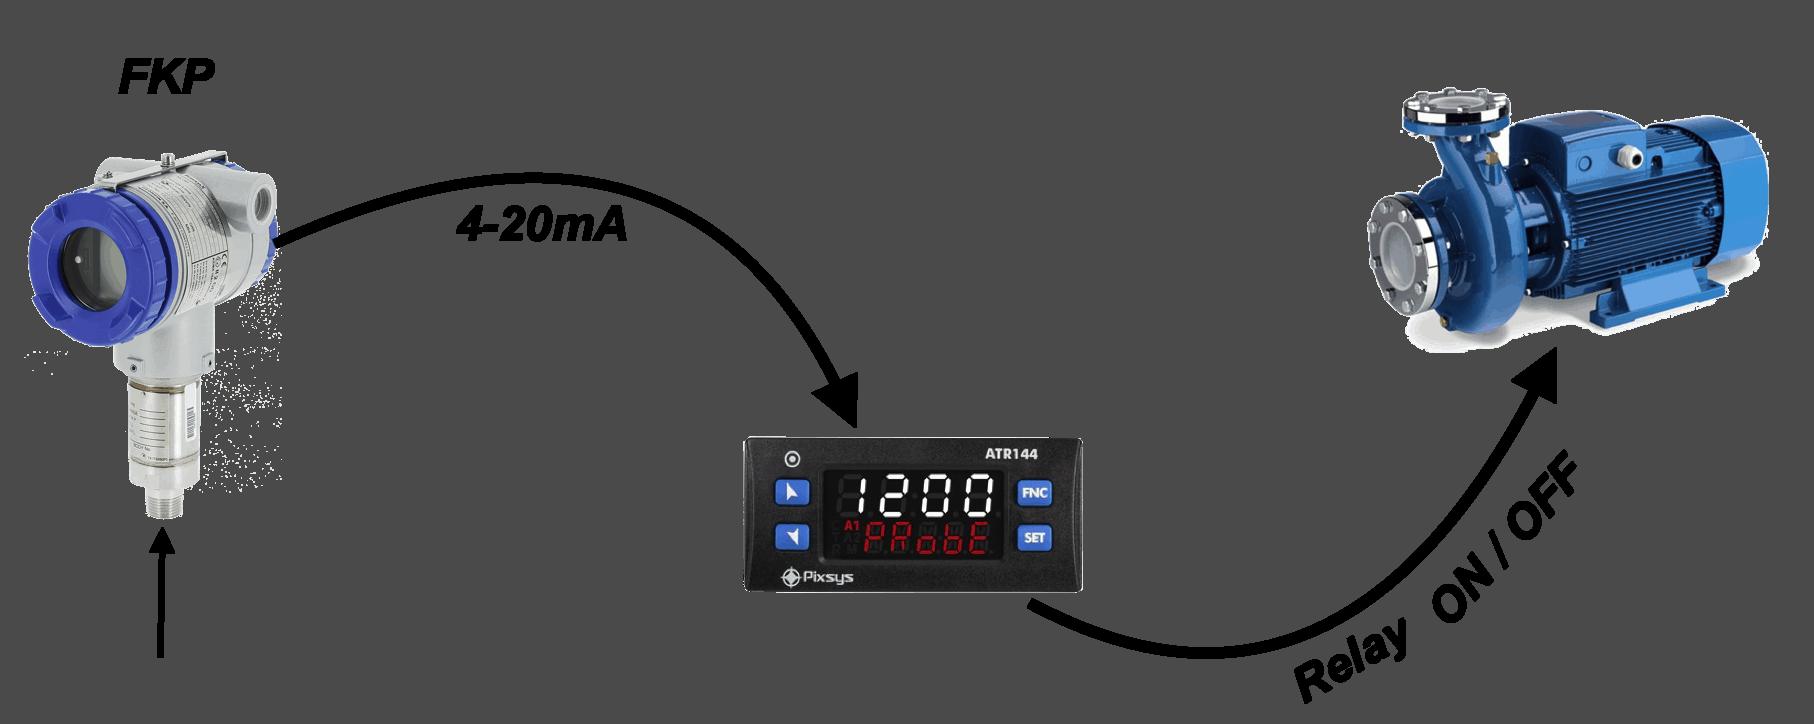 cảm biến áp suất dùng để đóng ngắt bơm